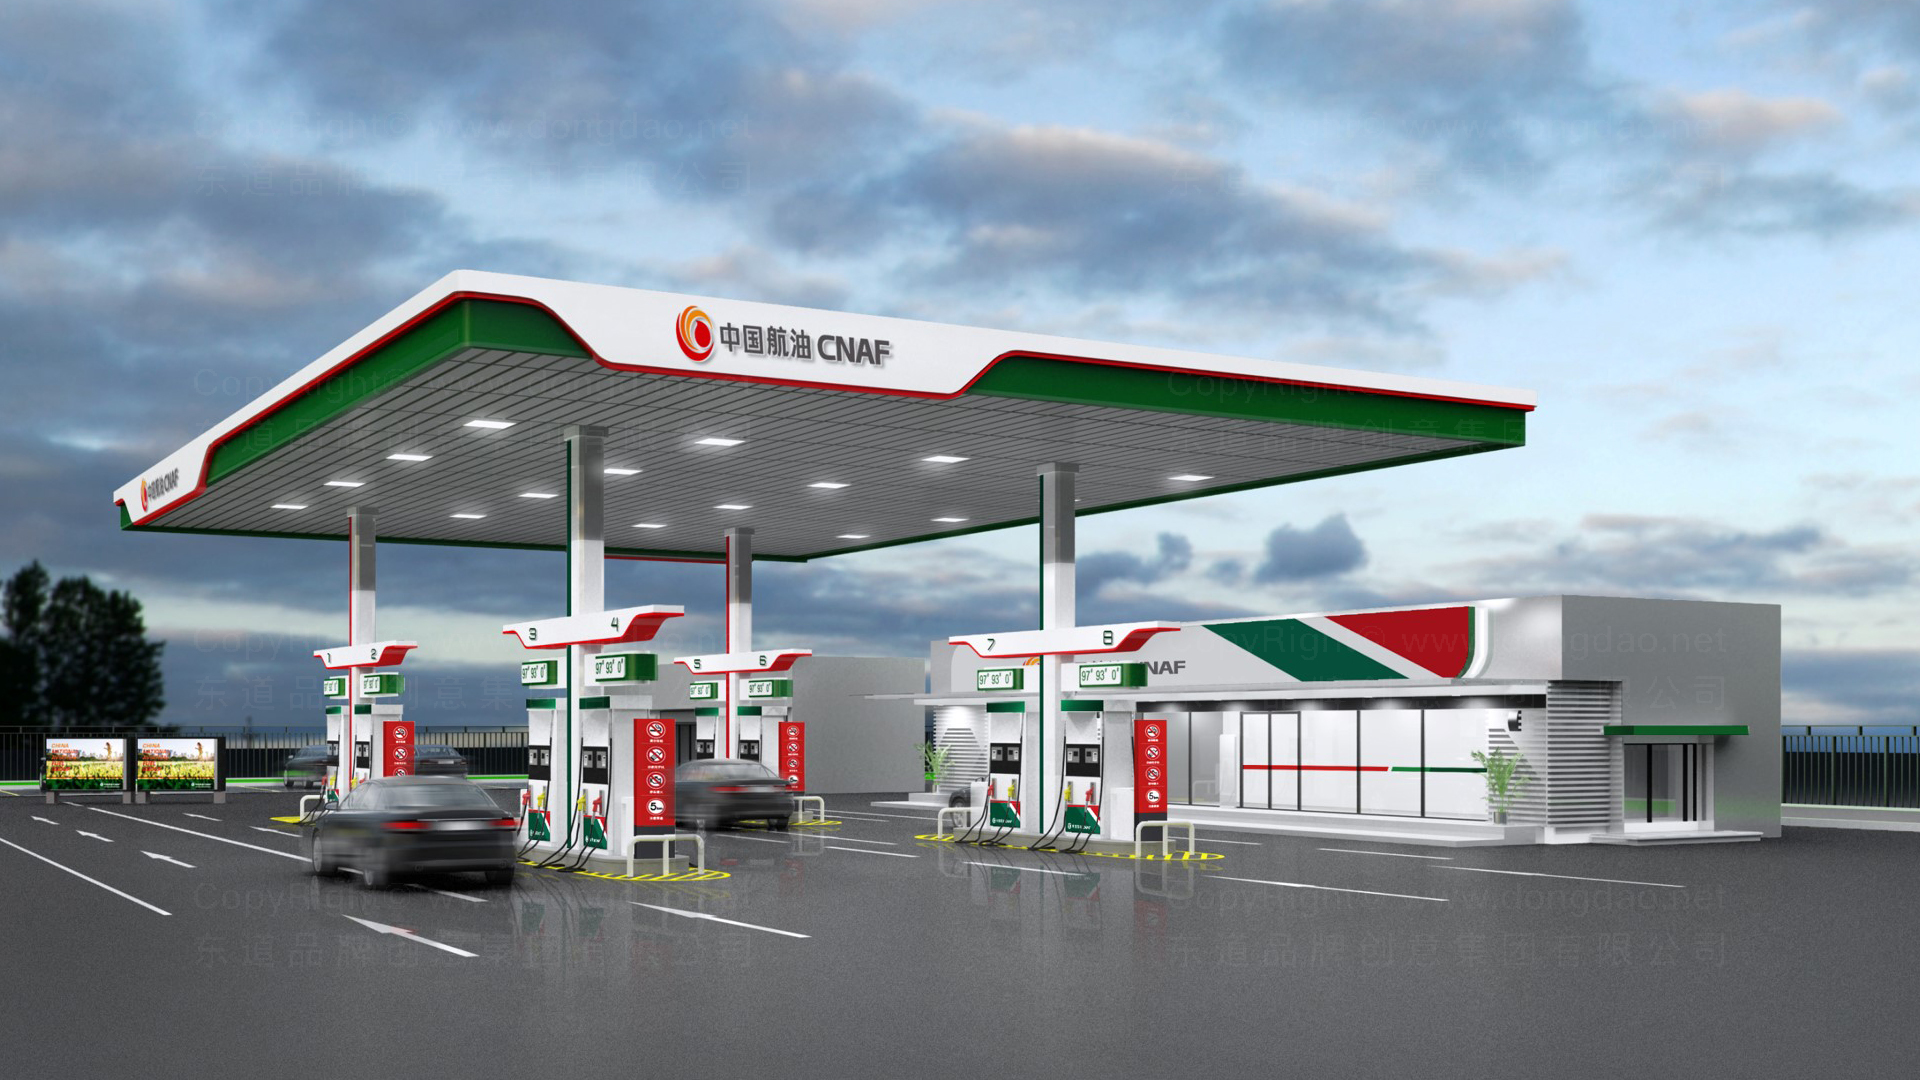 商业空间&导示中国航油加油站SI应用